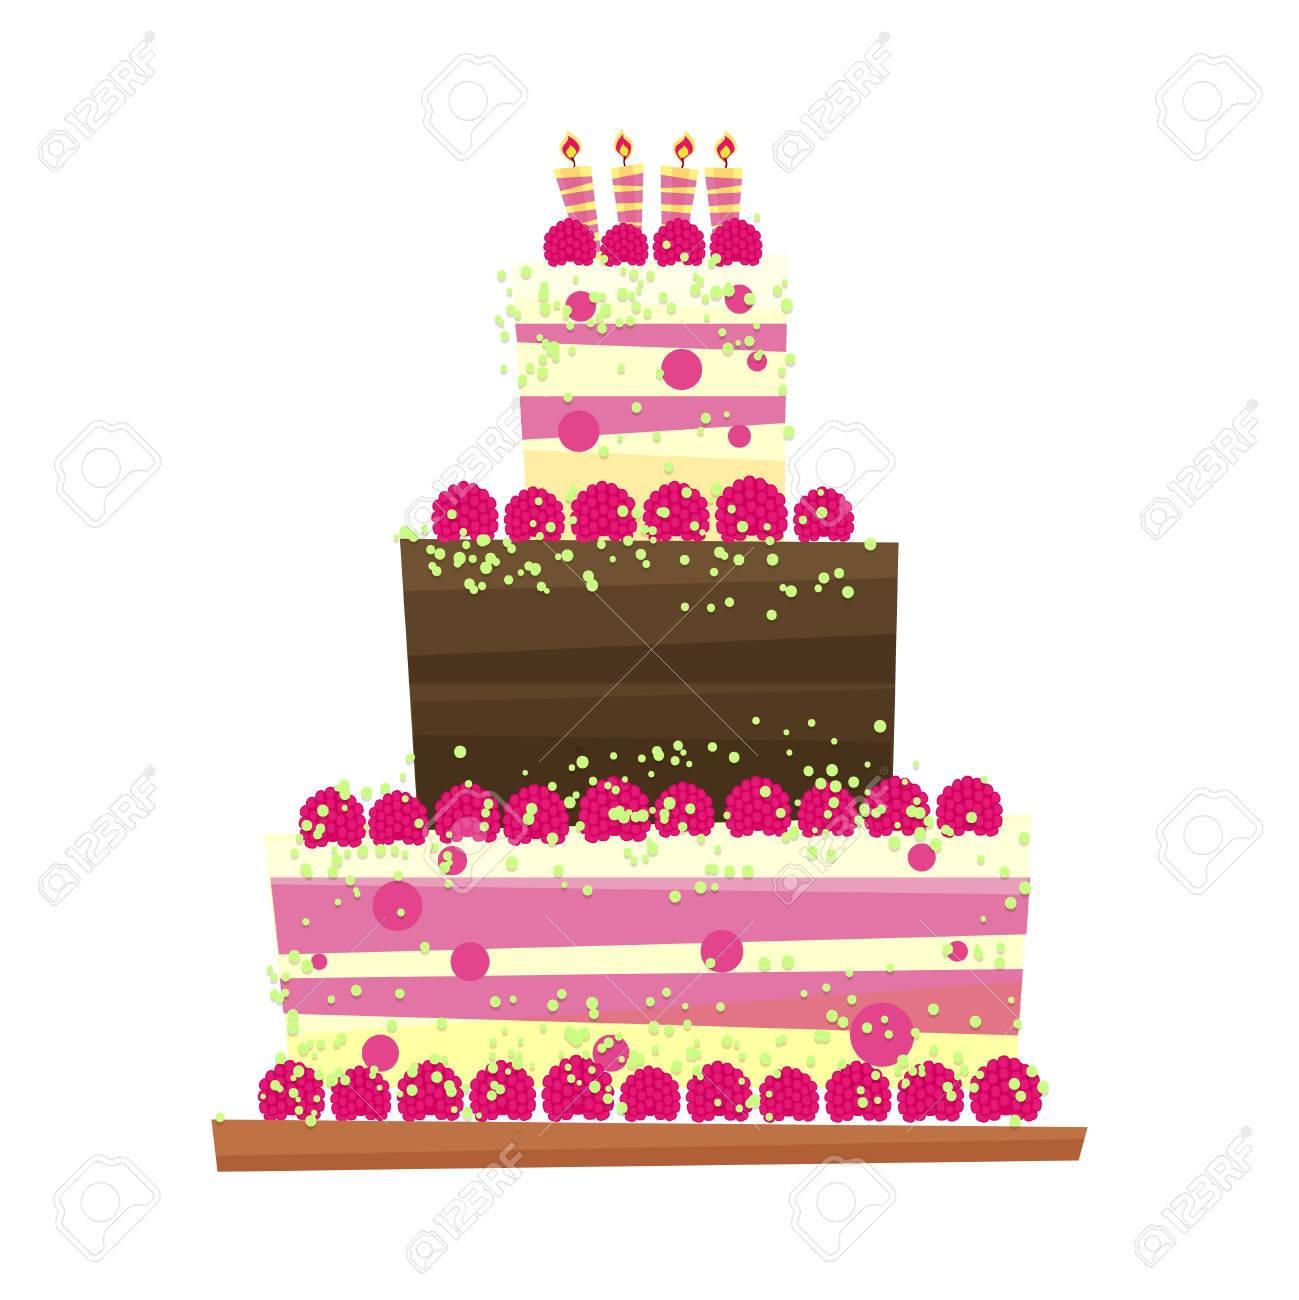 Geburtstag Oder Hochzeitstorte Cartoon Stil Suss Isoliert Auf Weissem